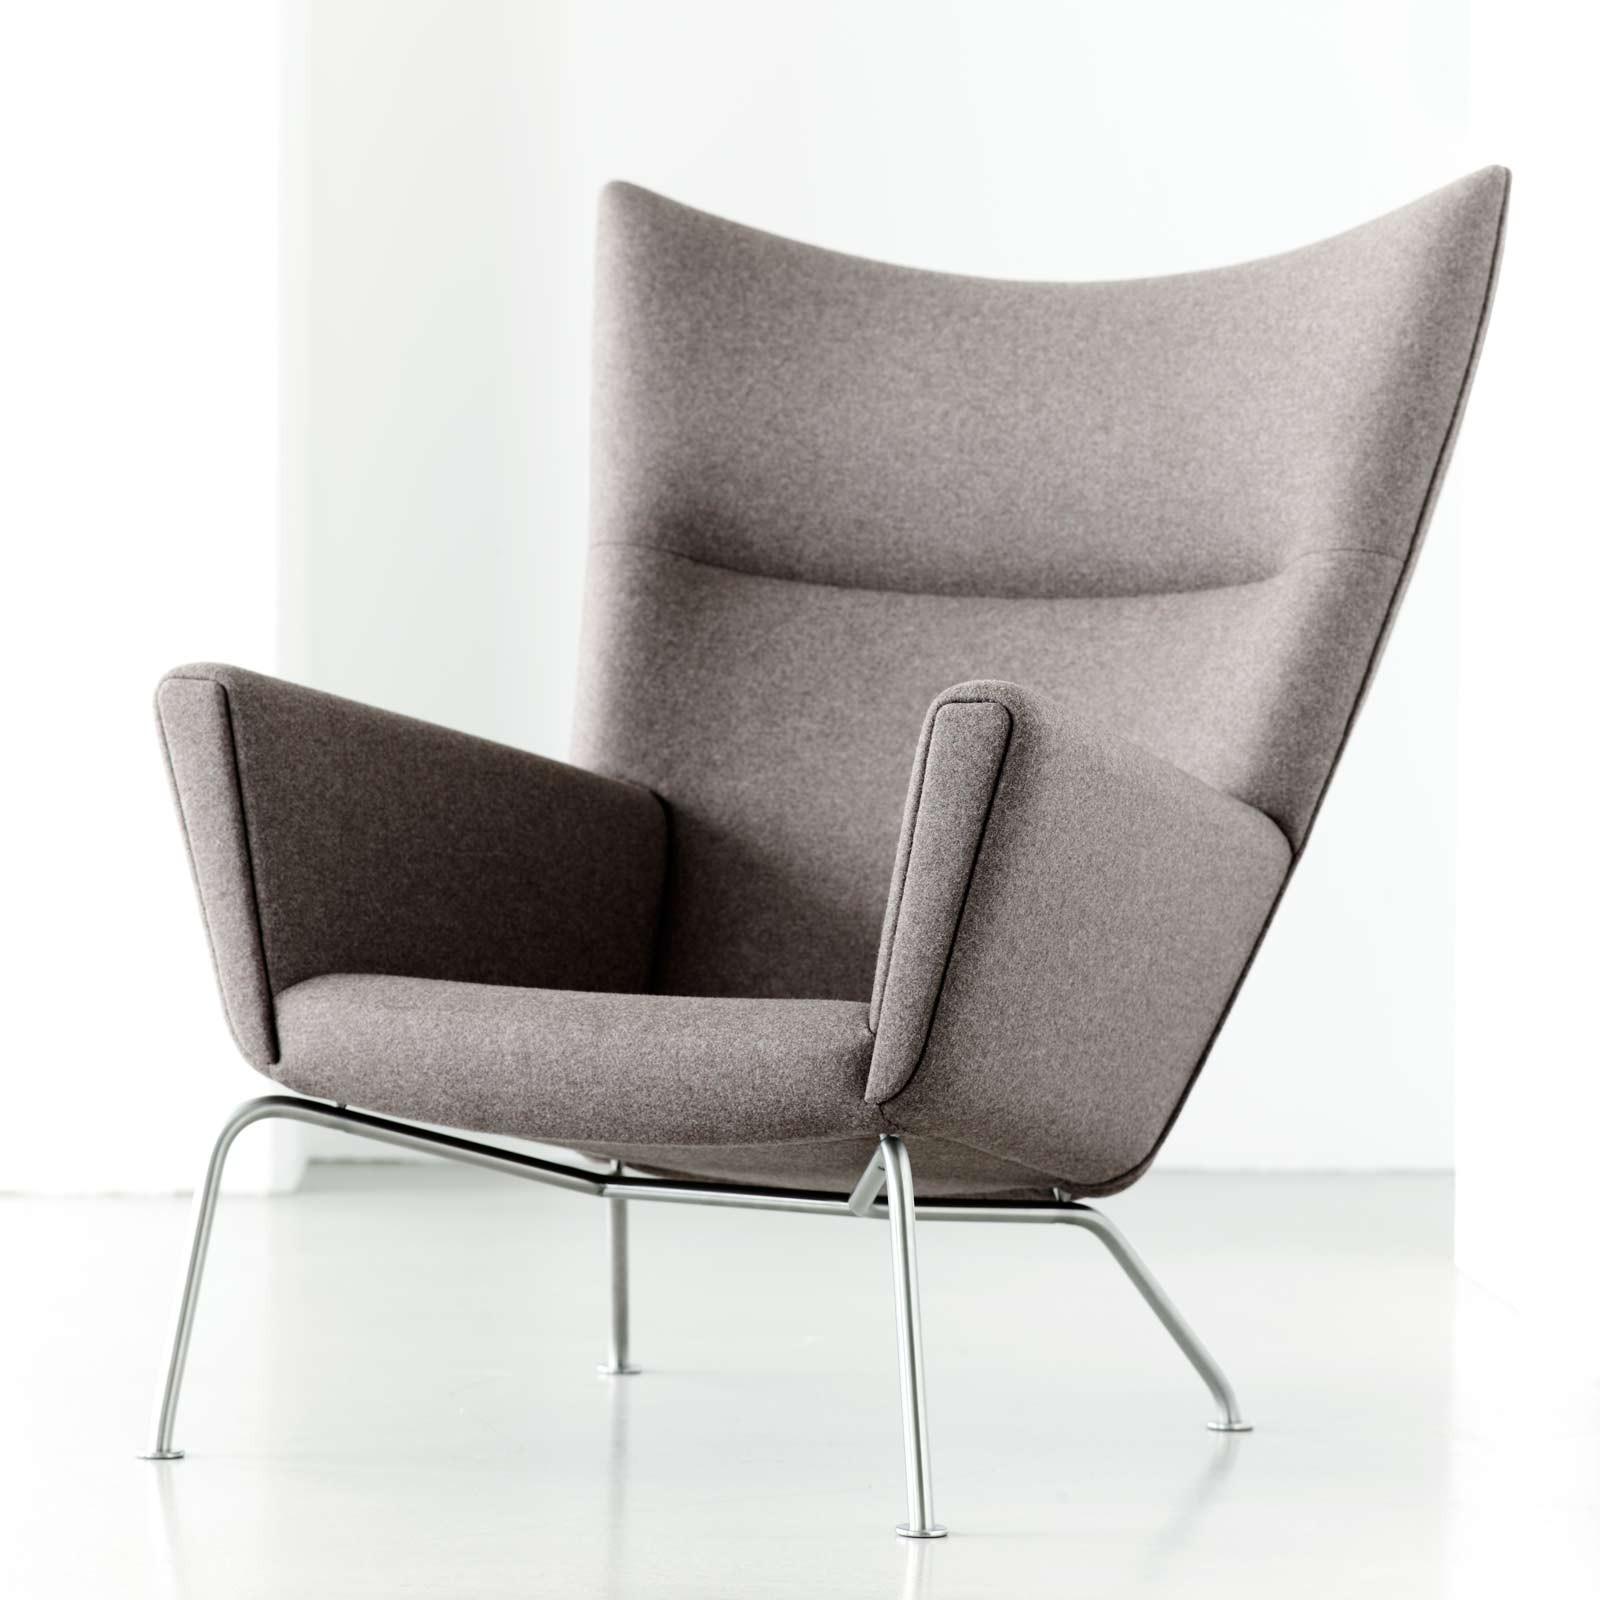 Fauteuils design scandinaves par les plus grands designers danois